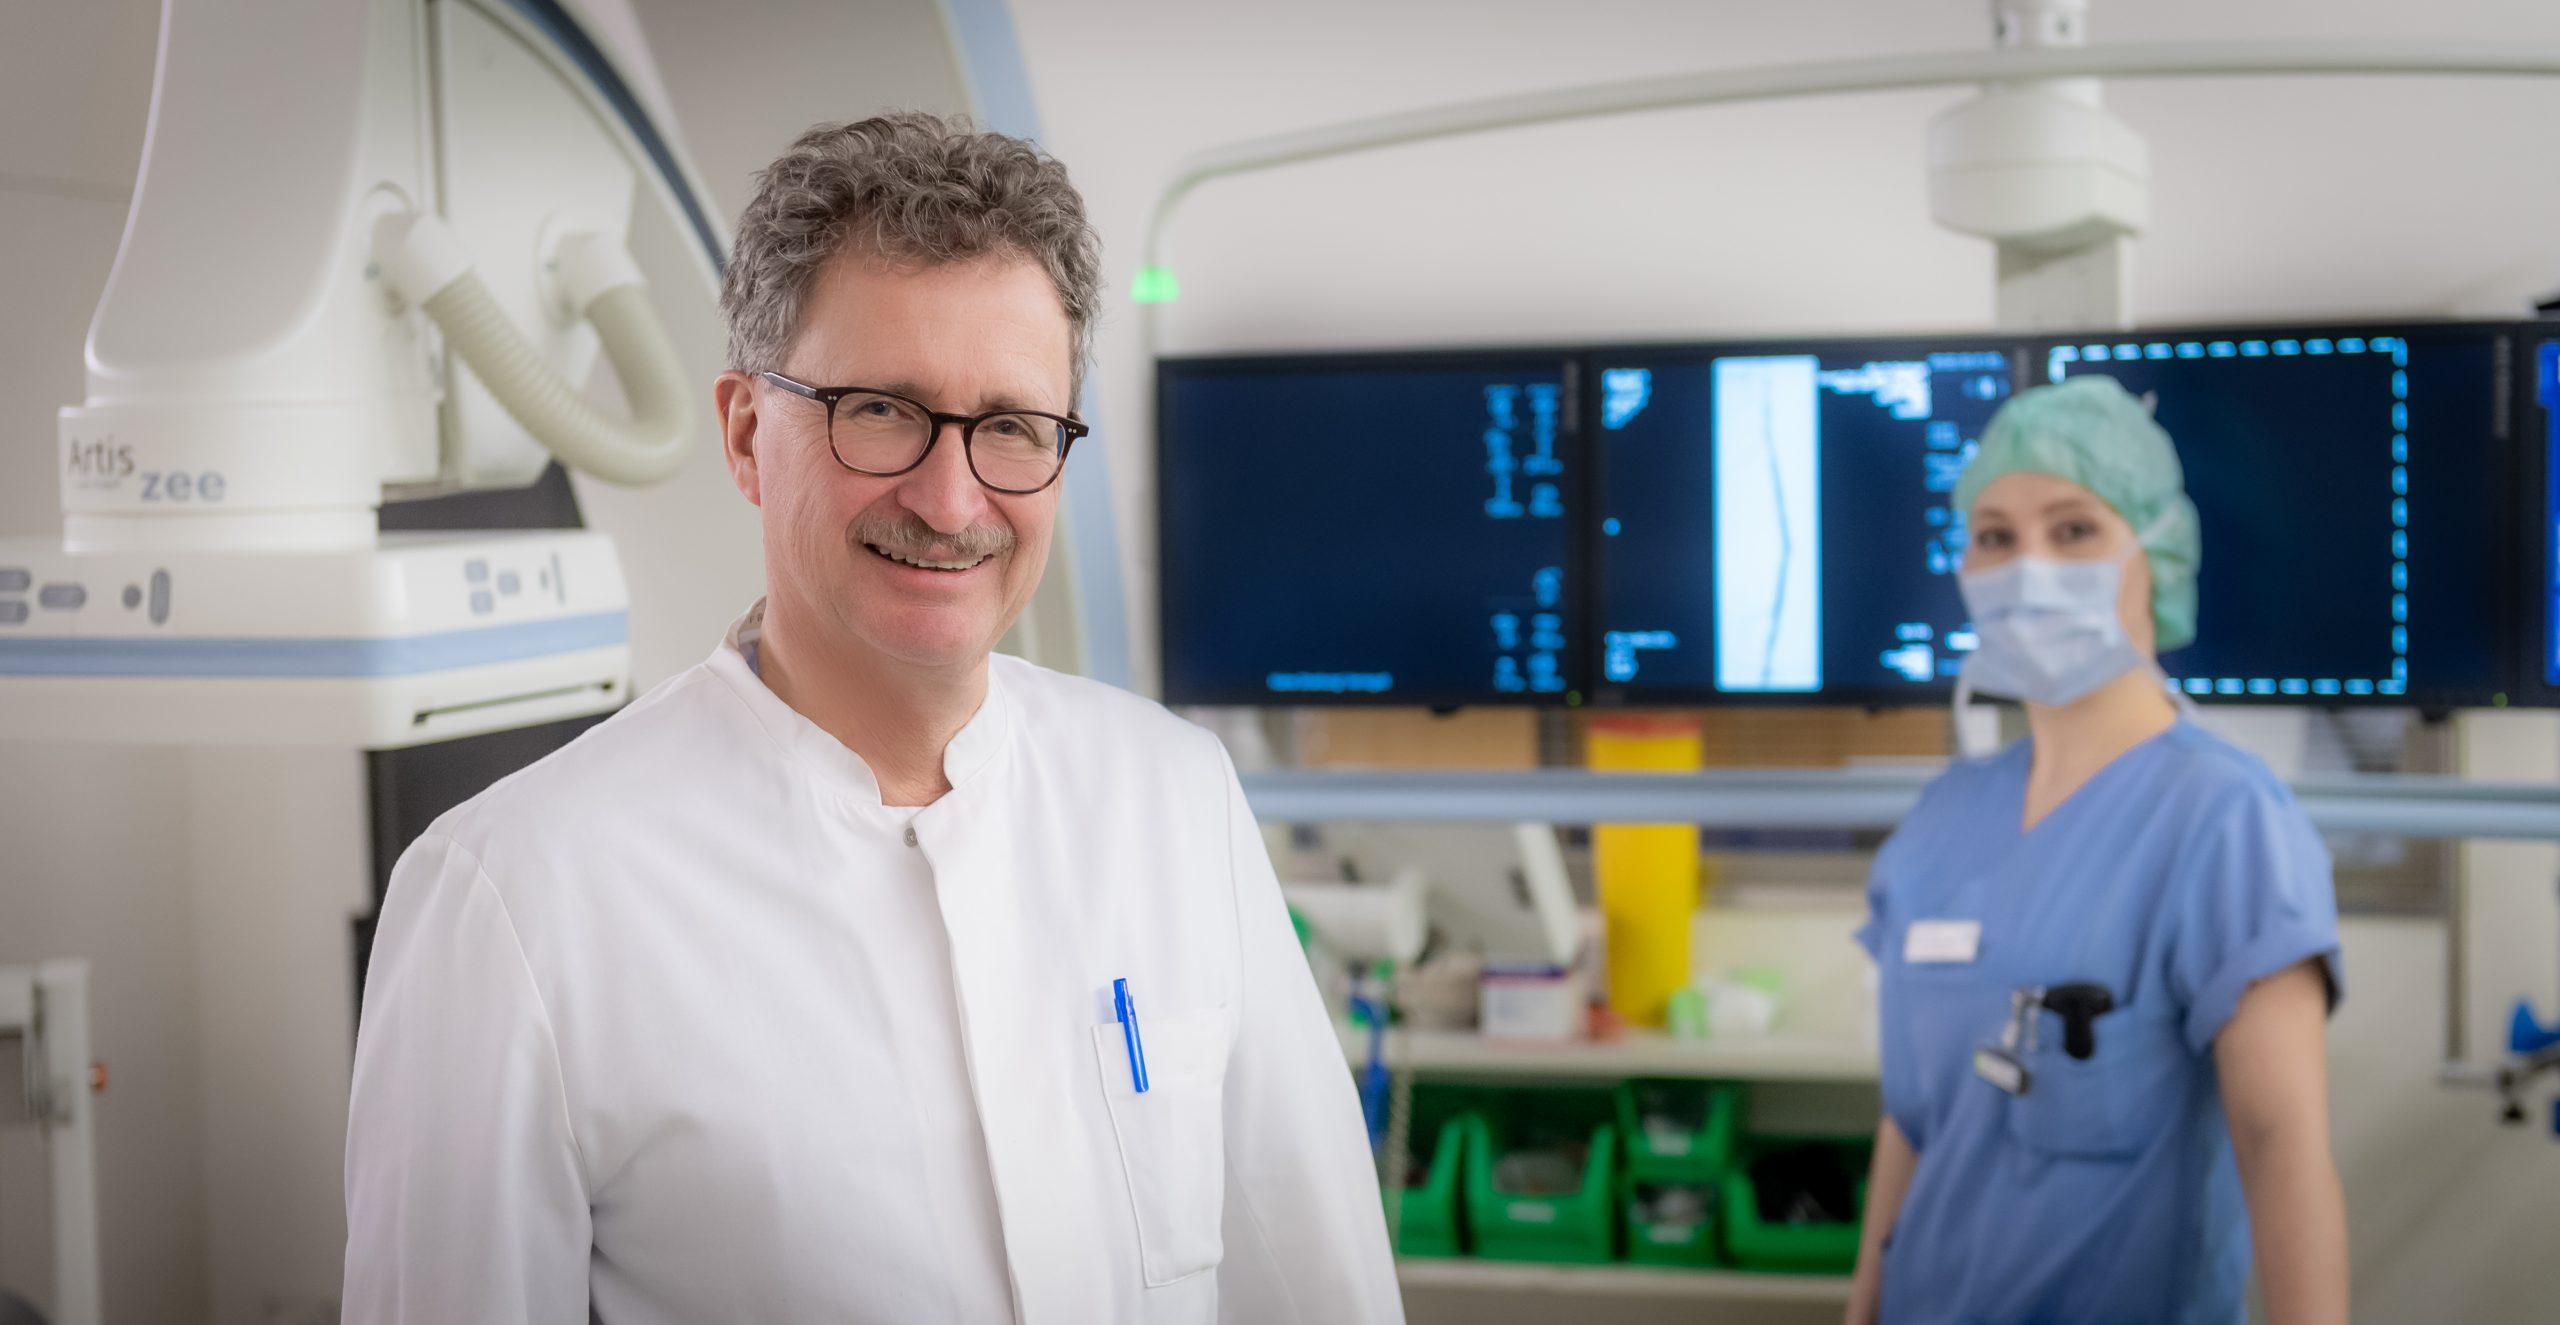 20 02 Radiologie Röntgen Vorwerk